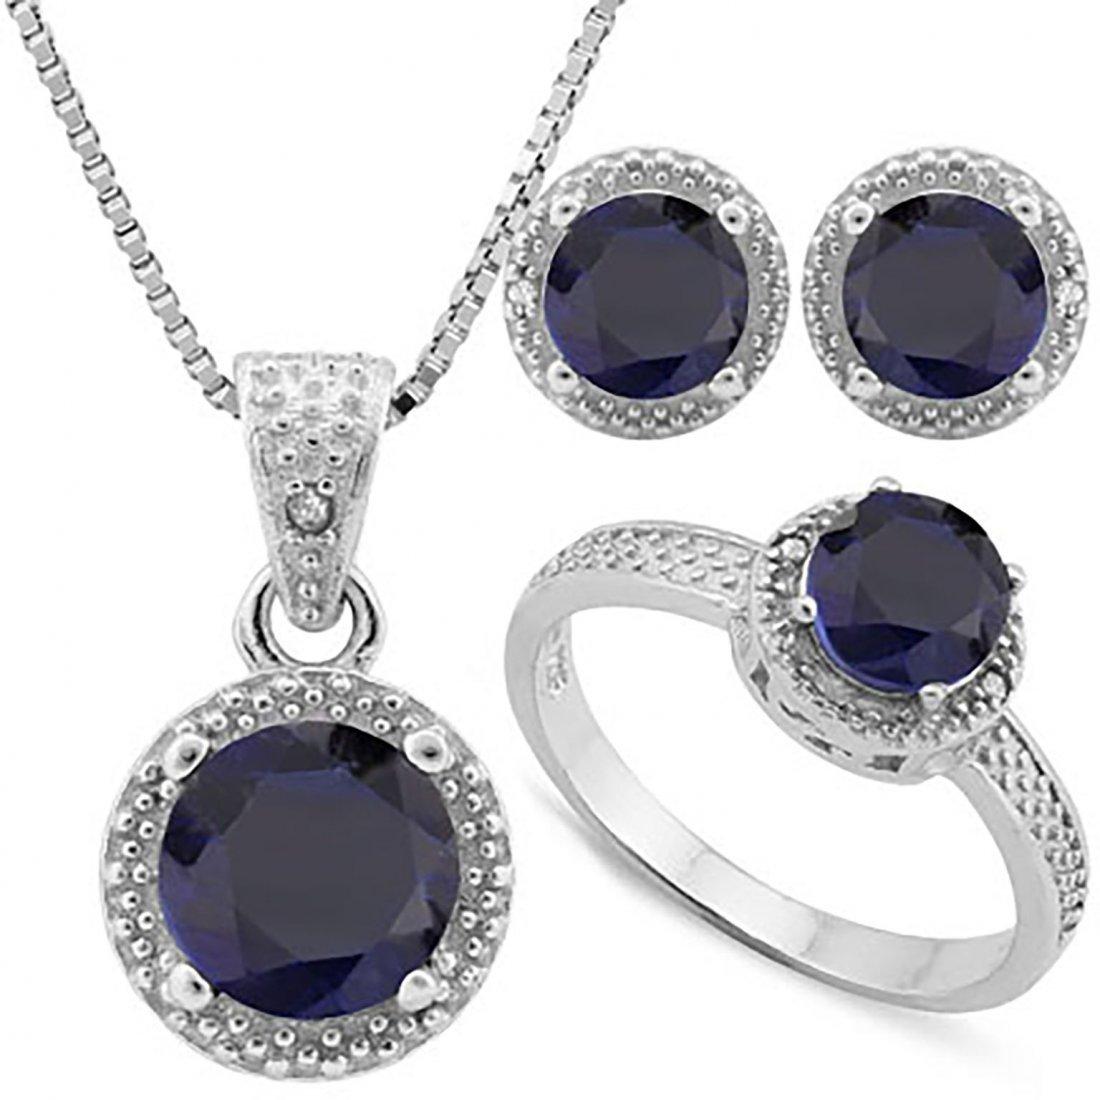 Sapphire & Diamond Matching Jewelry Ensemble